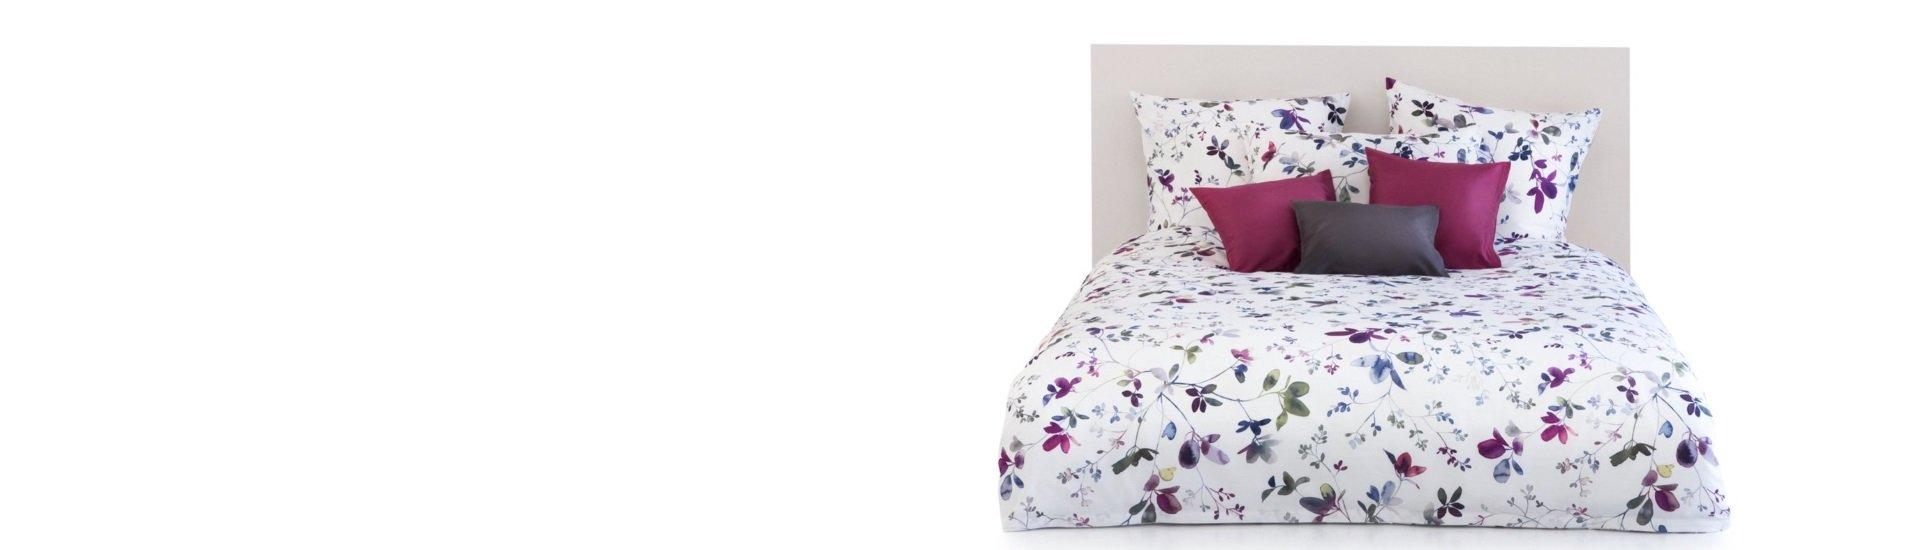 Одеяла, подушки, покрывала и простыни